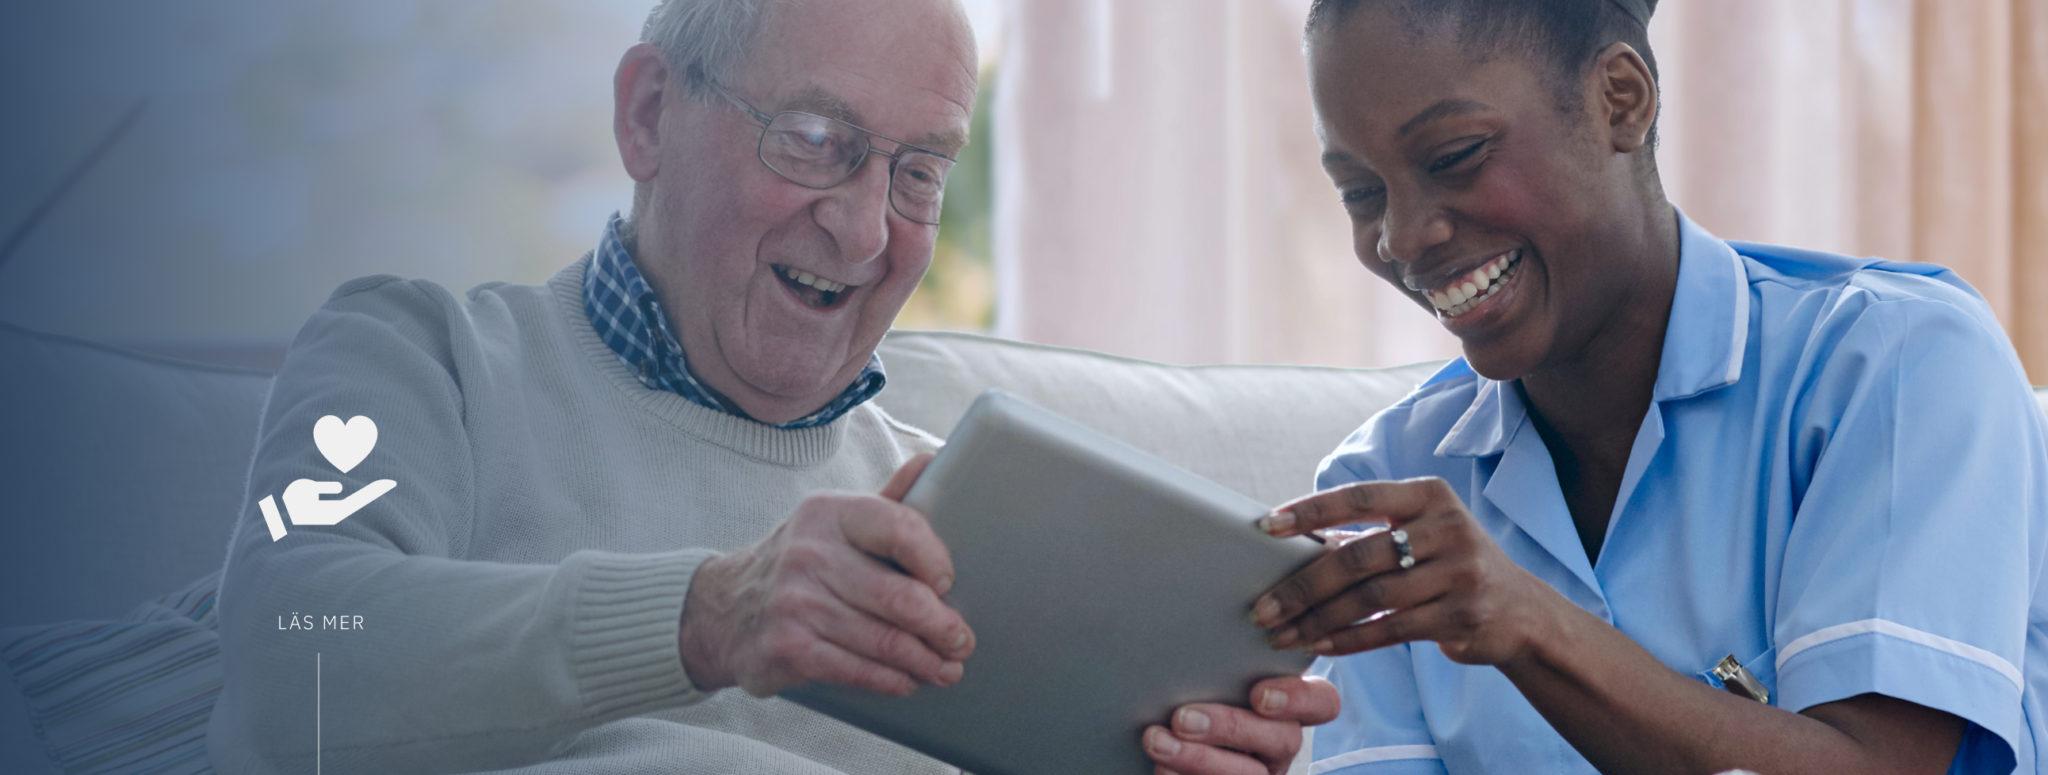 Telenta Tjänster Digital vård och omsorg